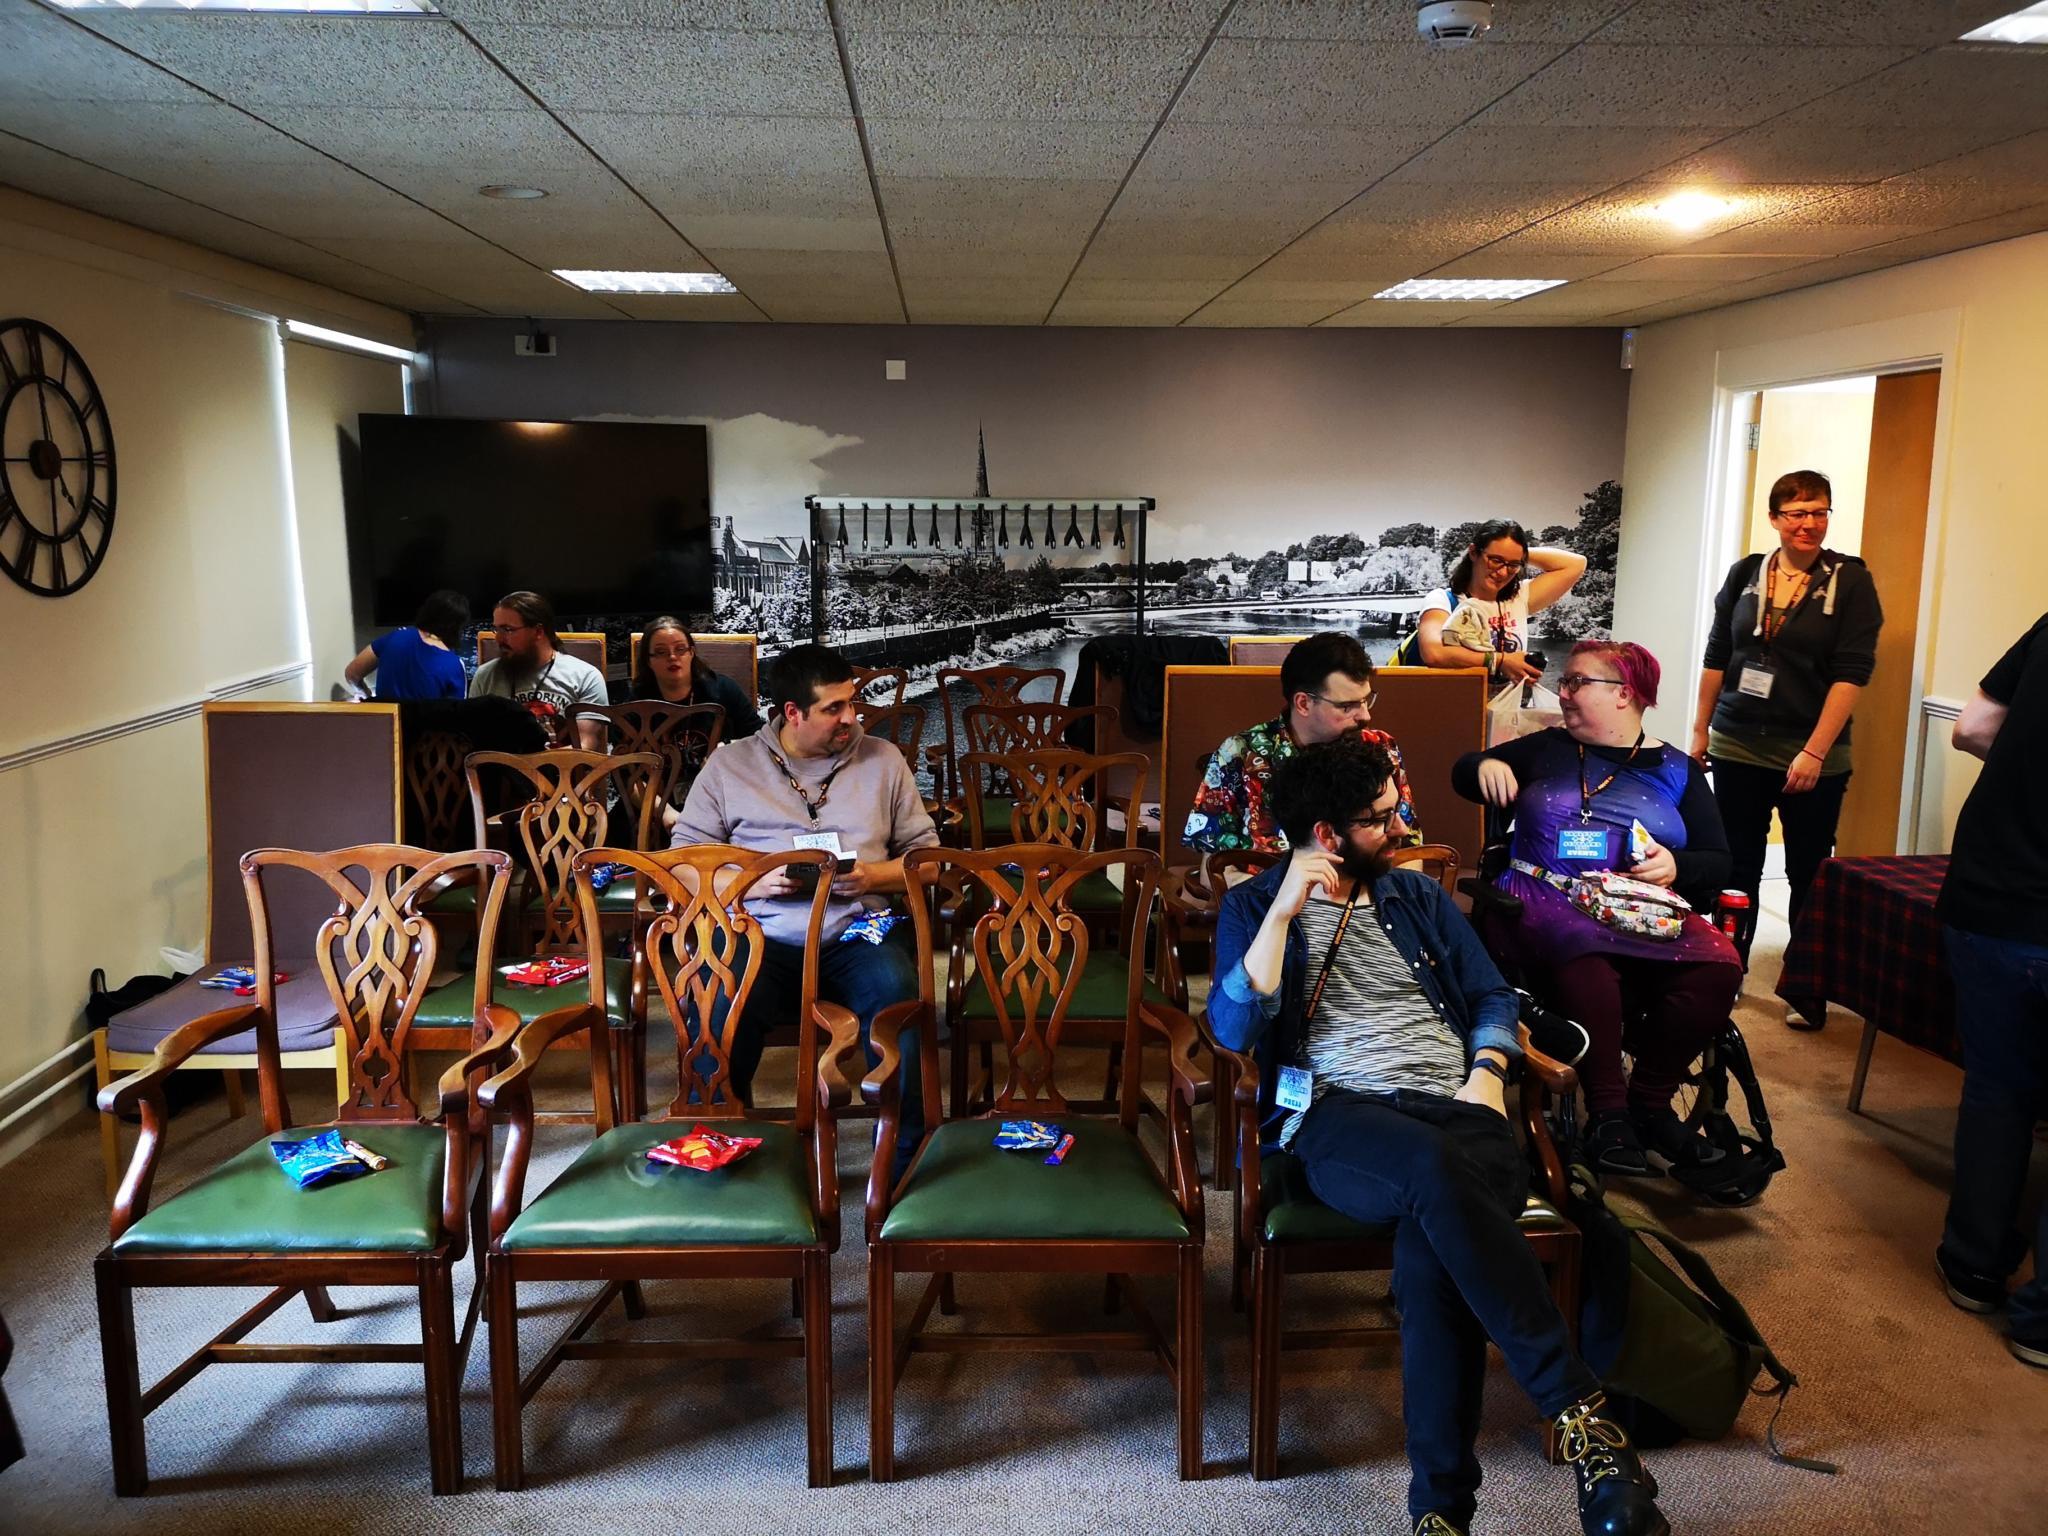 Seminar room filling up